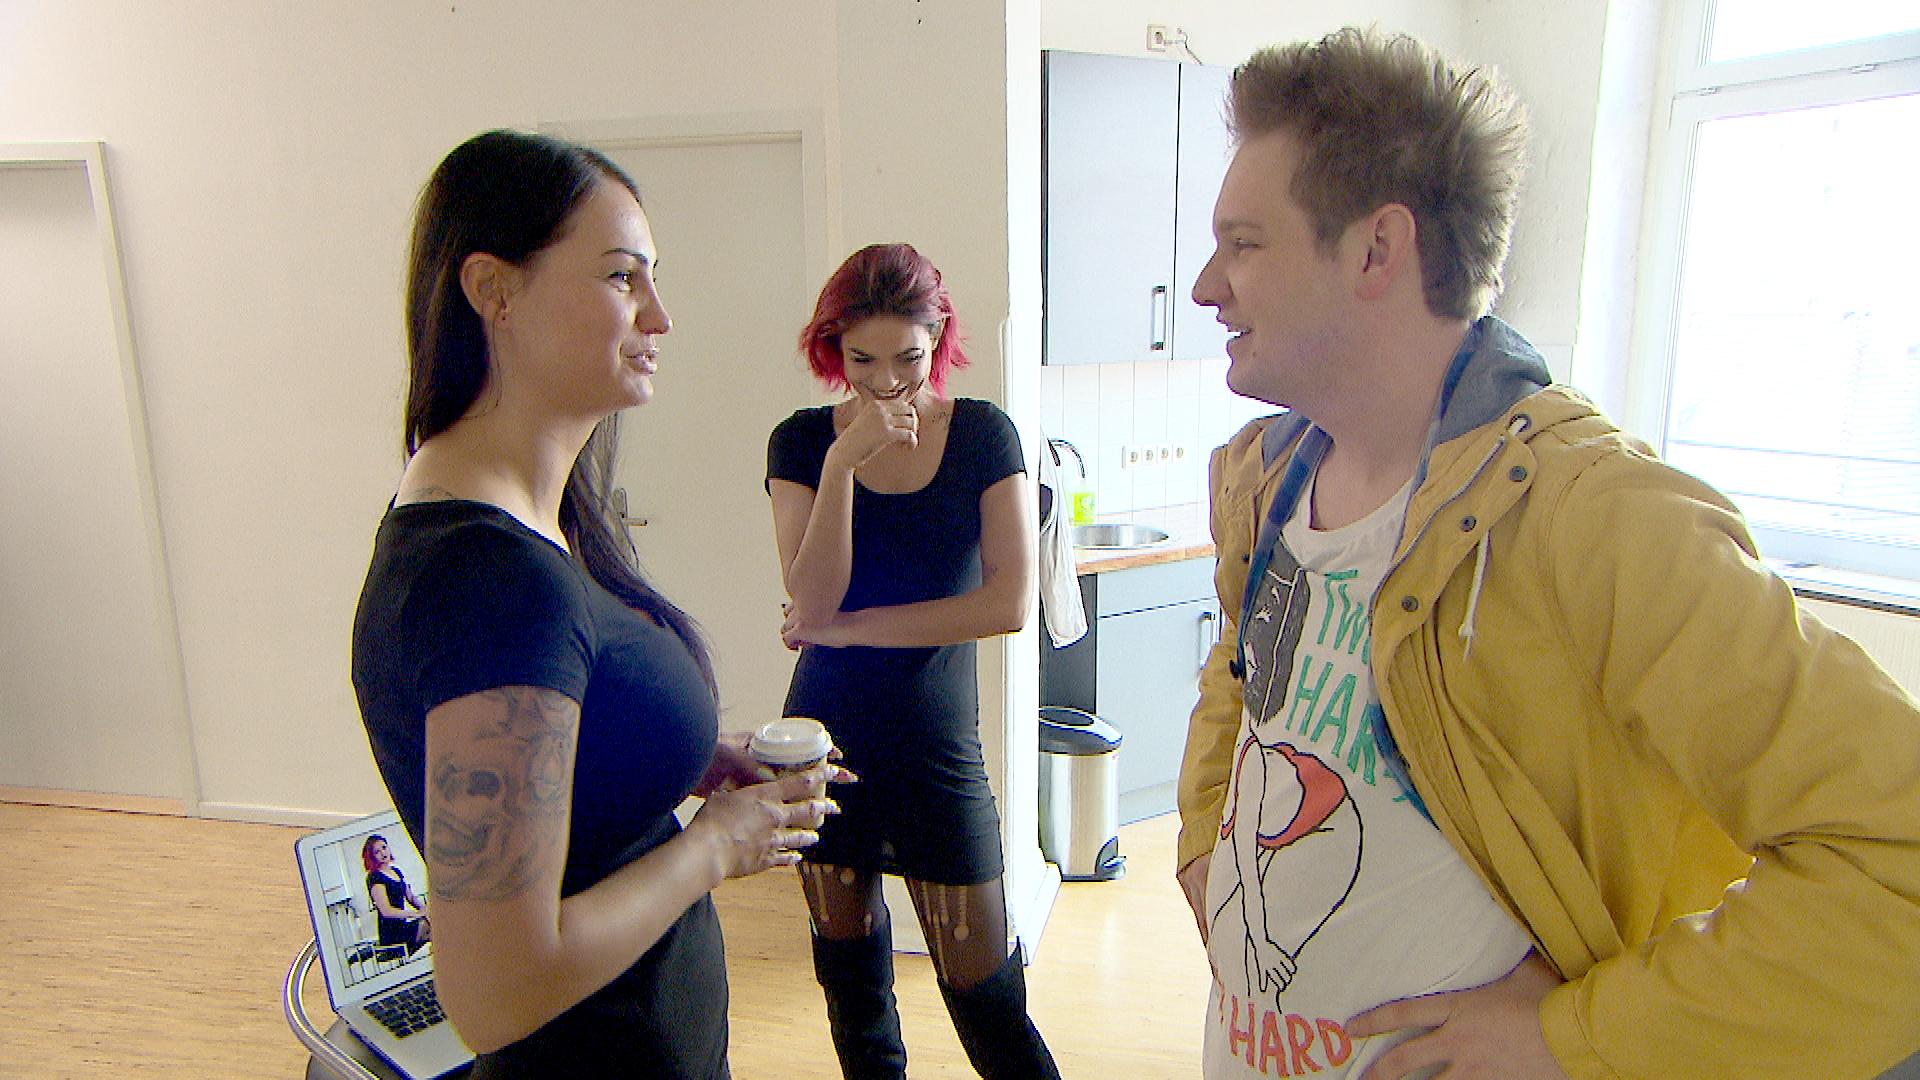 Als Ole,re. mitkriegt, wie heiß Jessicas,Mi. Kollegin Ginger,li., ist, will er unbedingt ein Date mit dem Model. (Quelle: RTL 2)